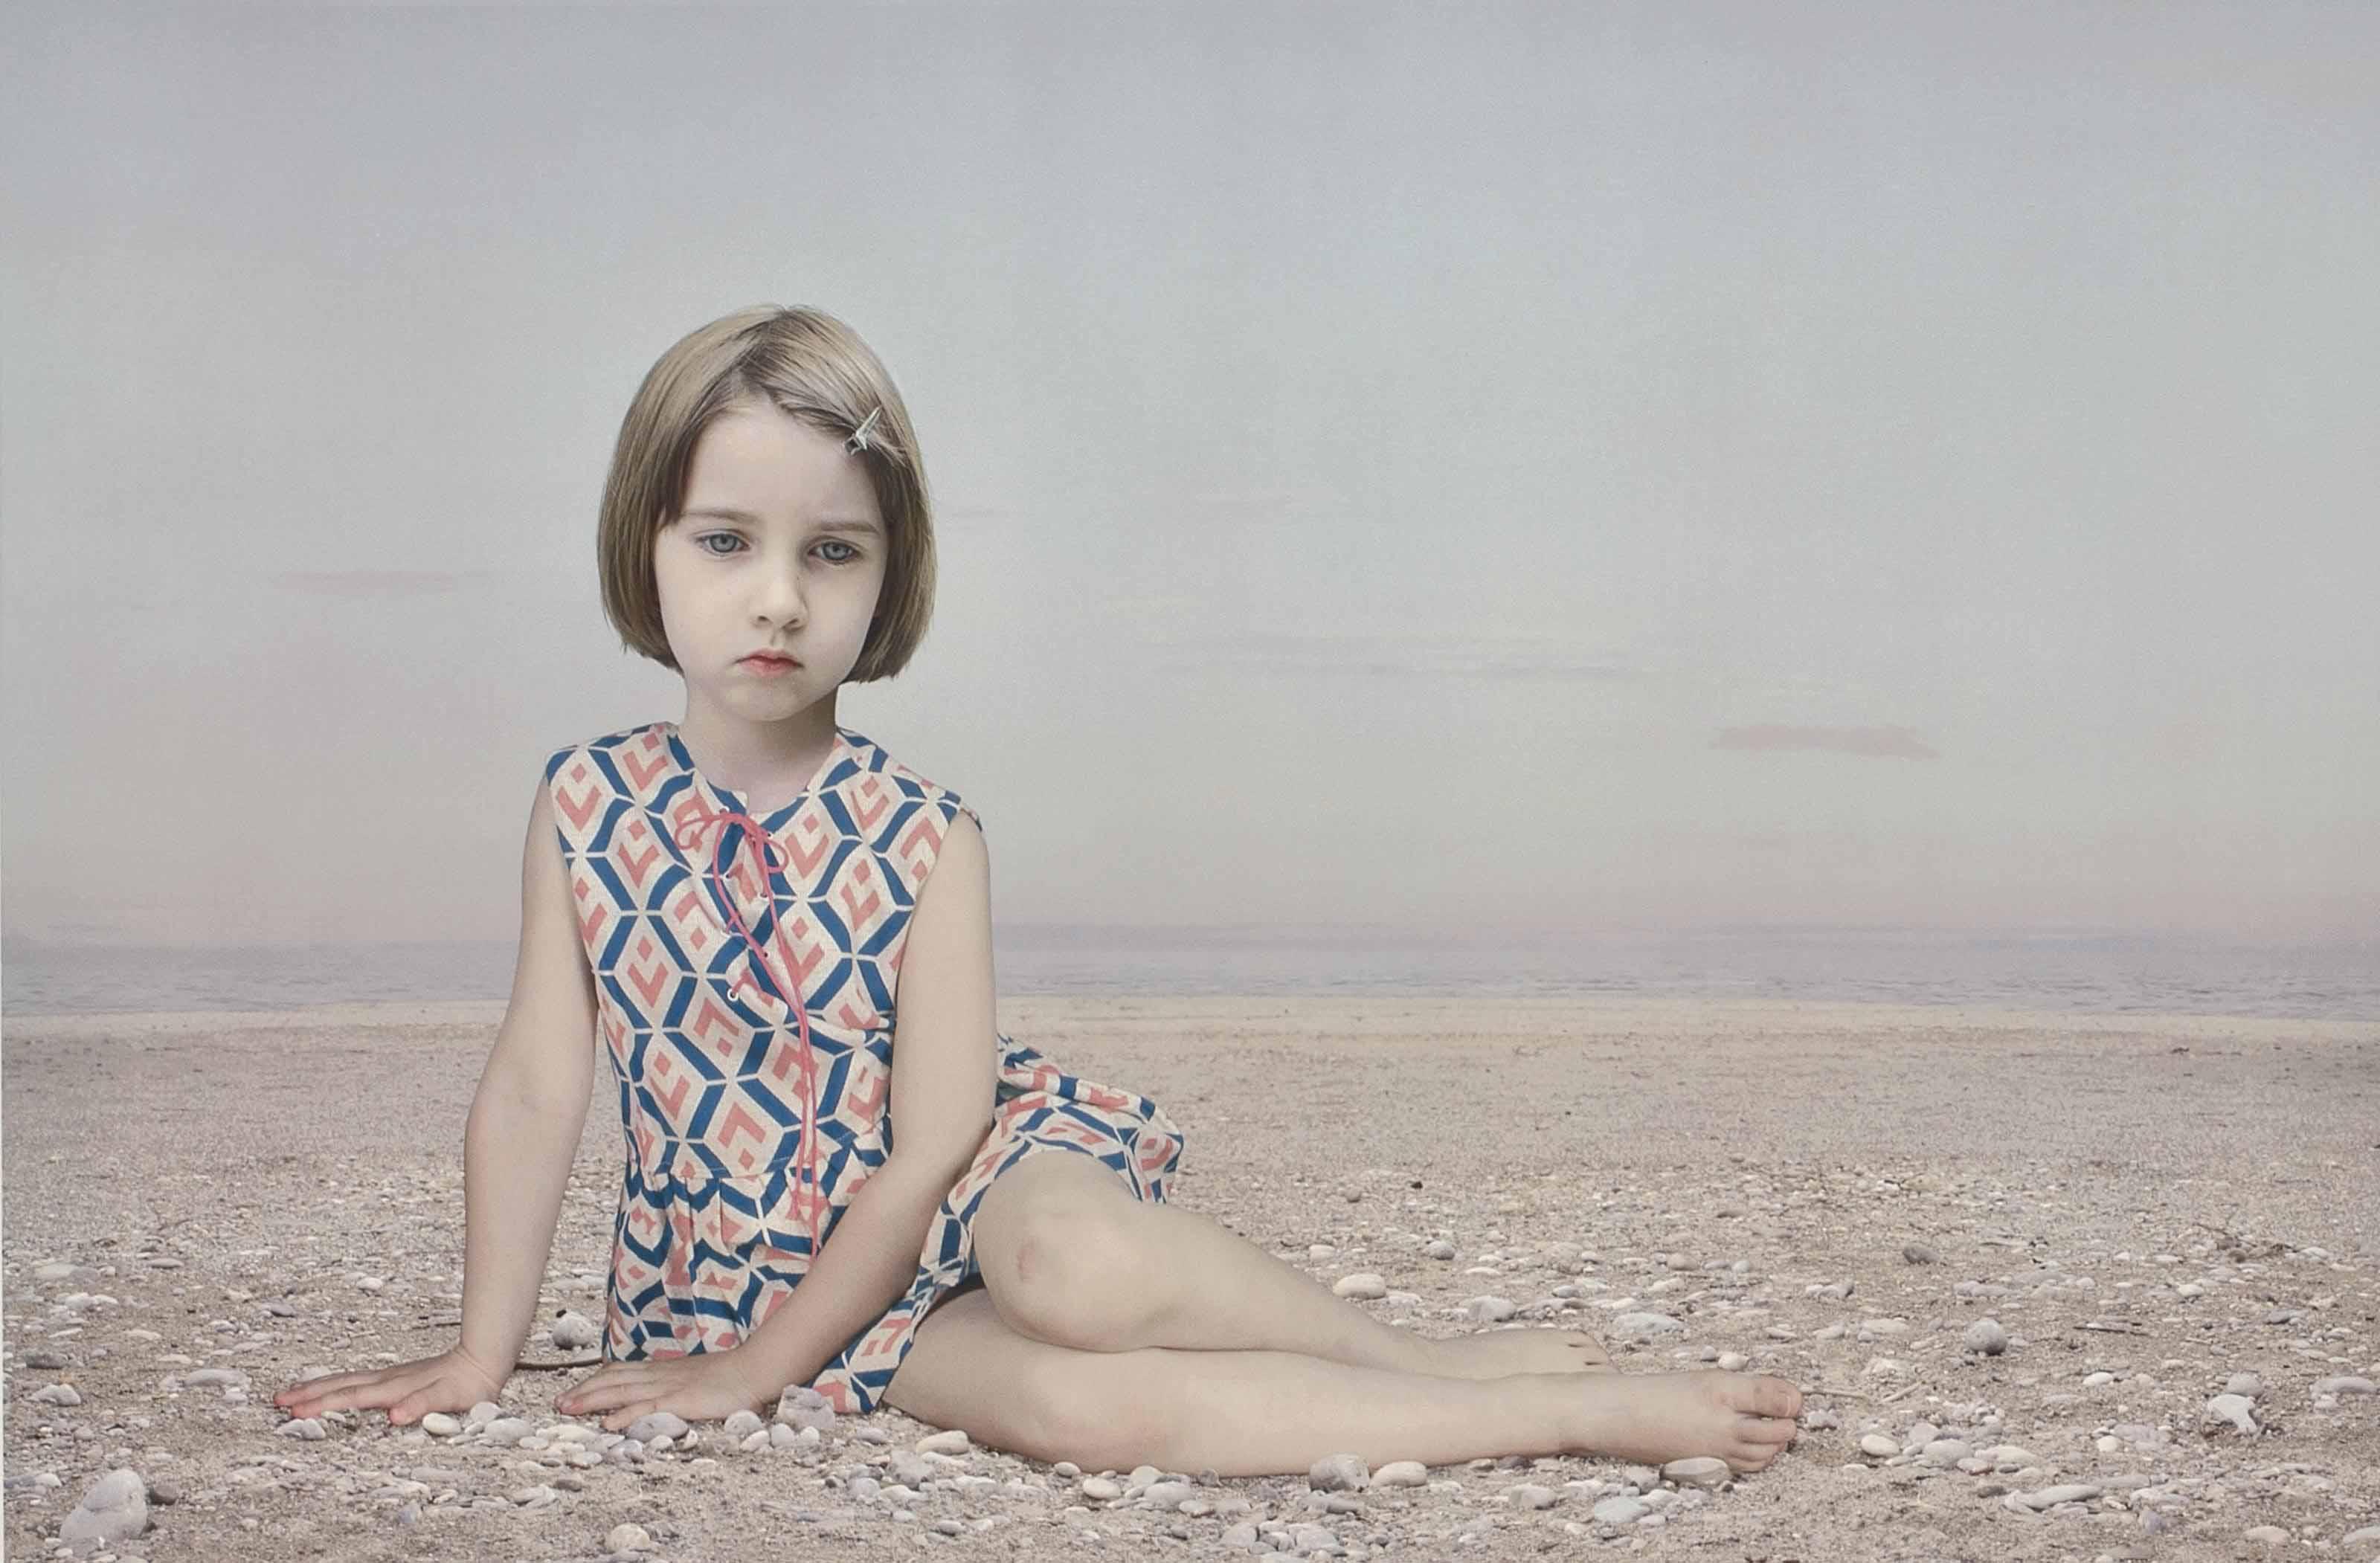 Loretta Lux (b. 1969)